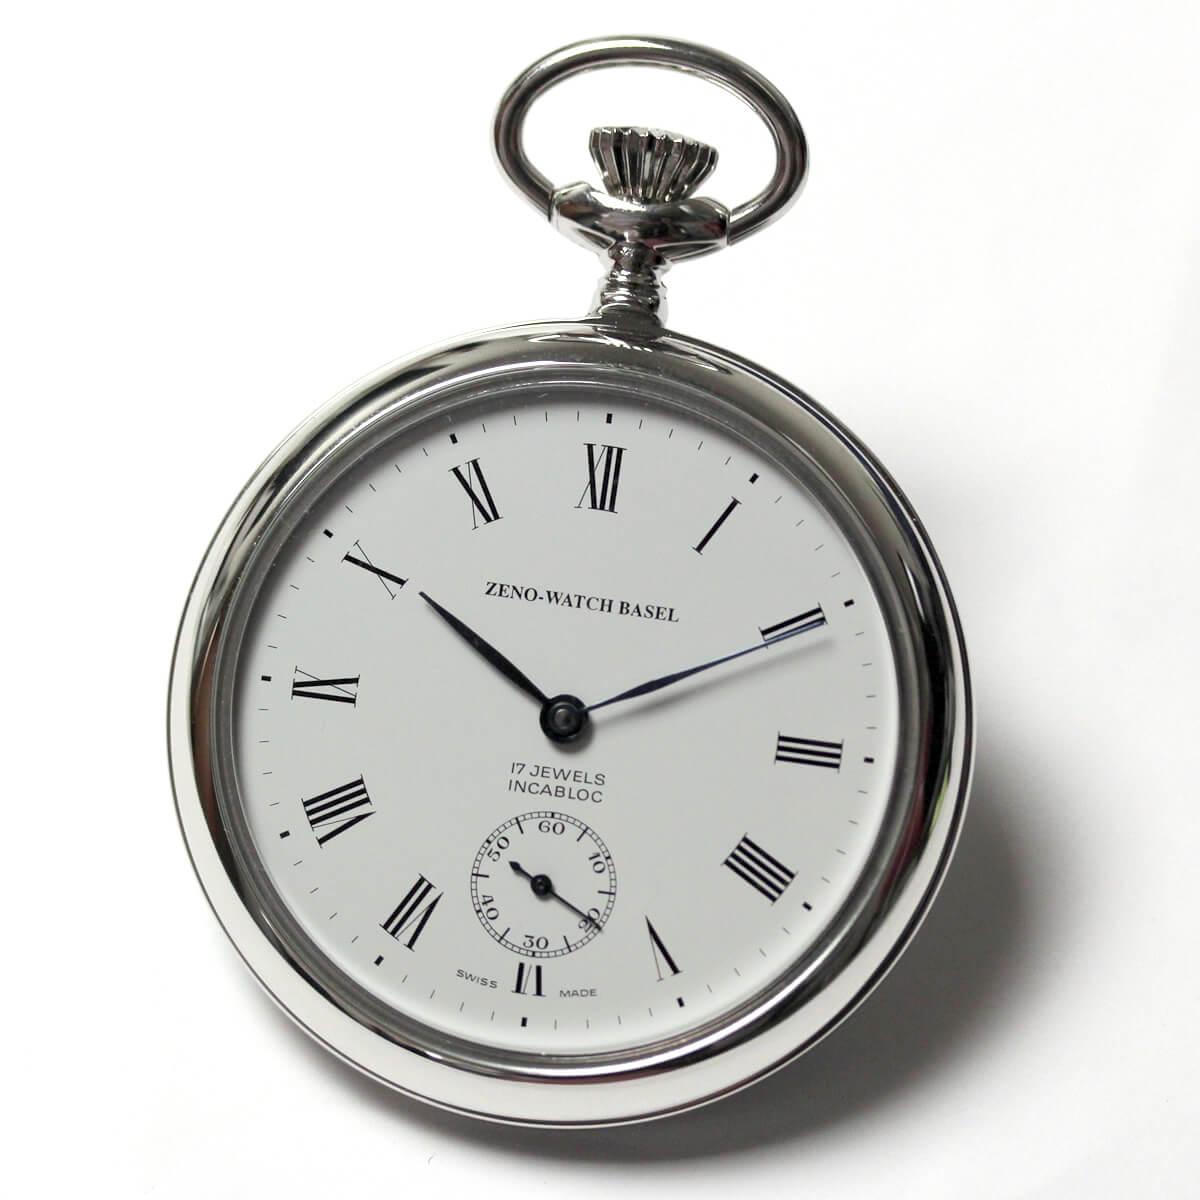 ZENO WATCH/ゼノウォッチ/懐中時計/手巻き式/ZT100-I2ROM